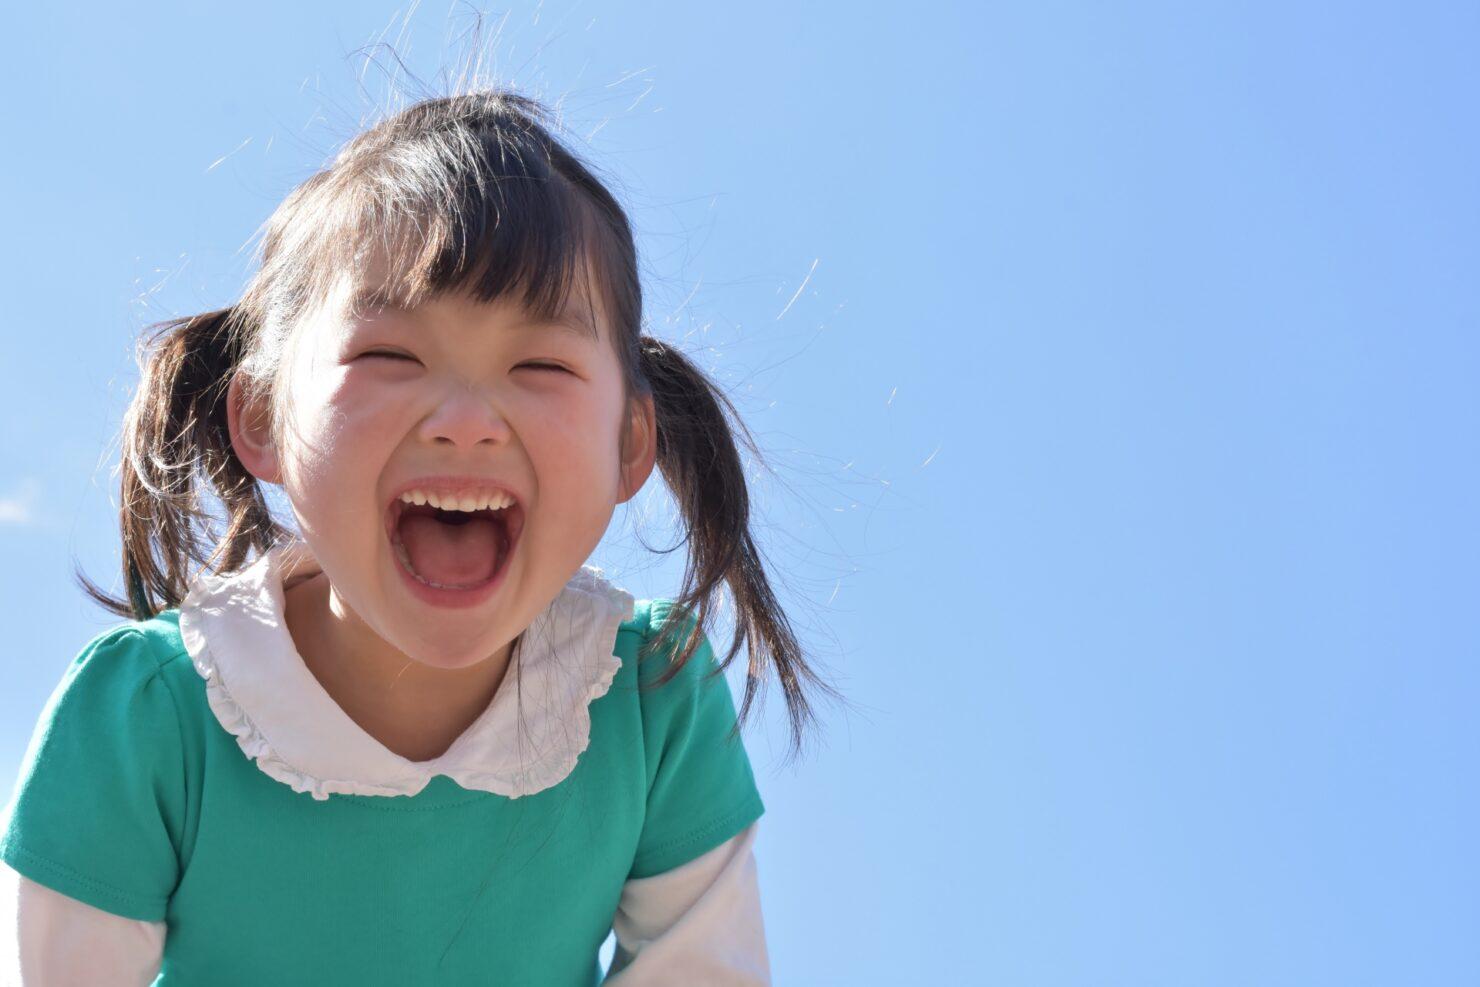 笑顔いっぱいの女の子